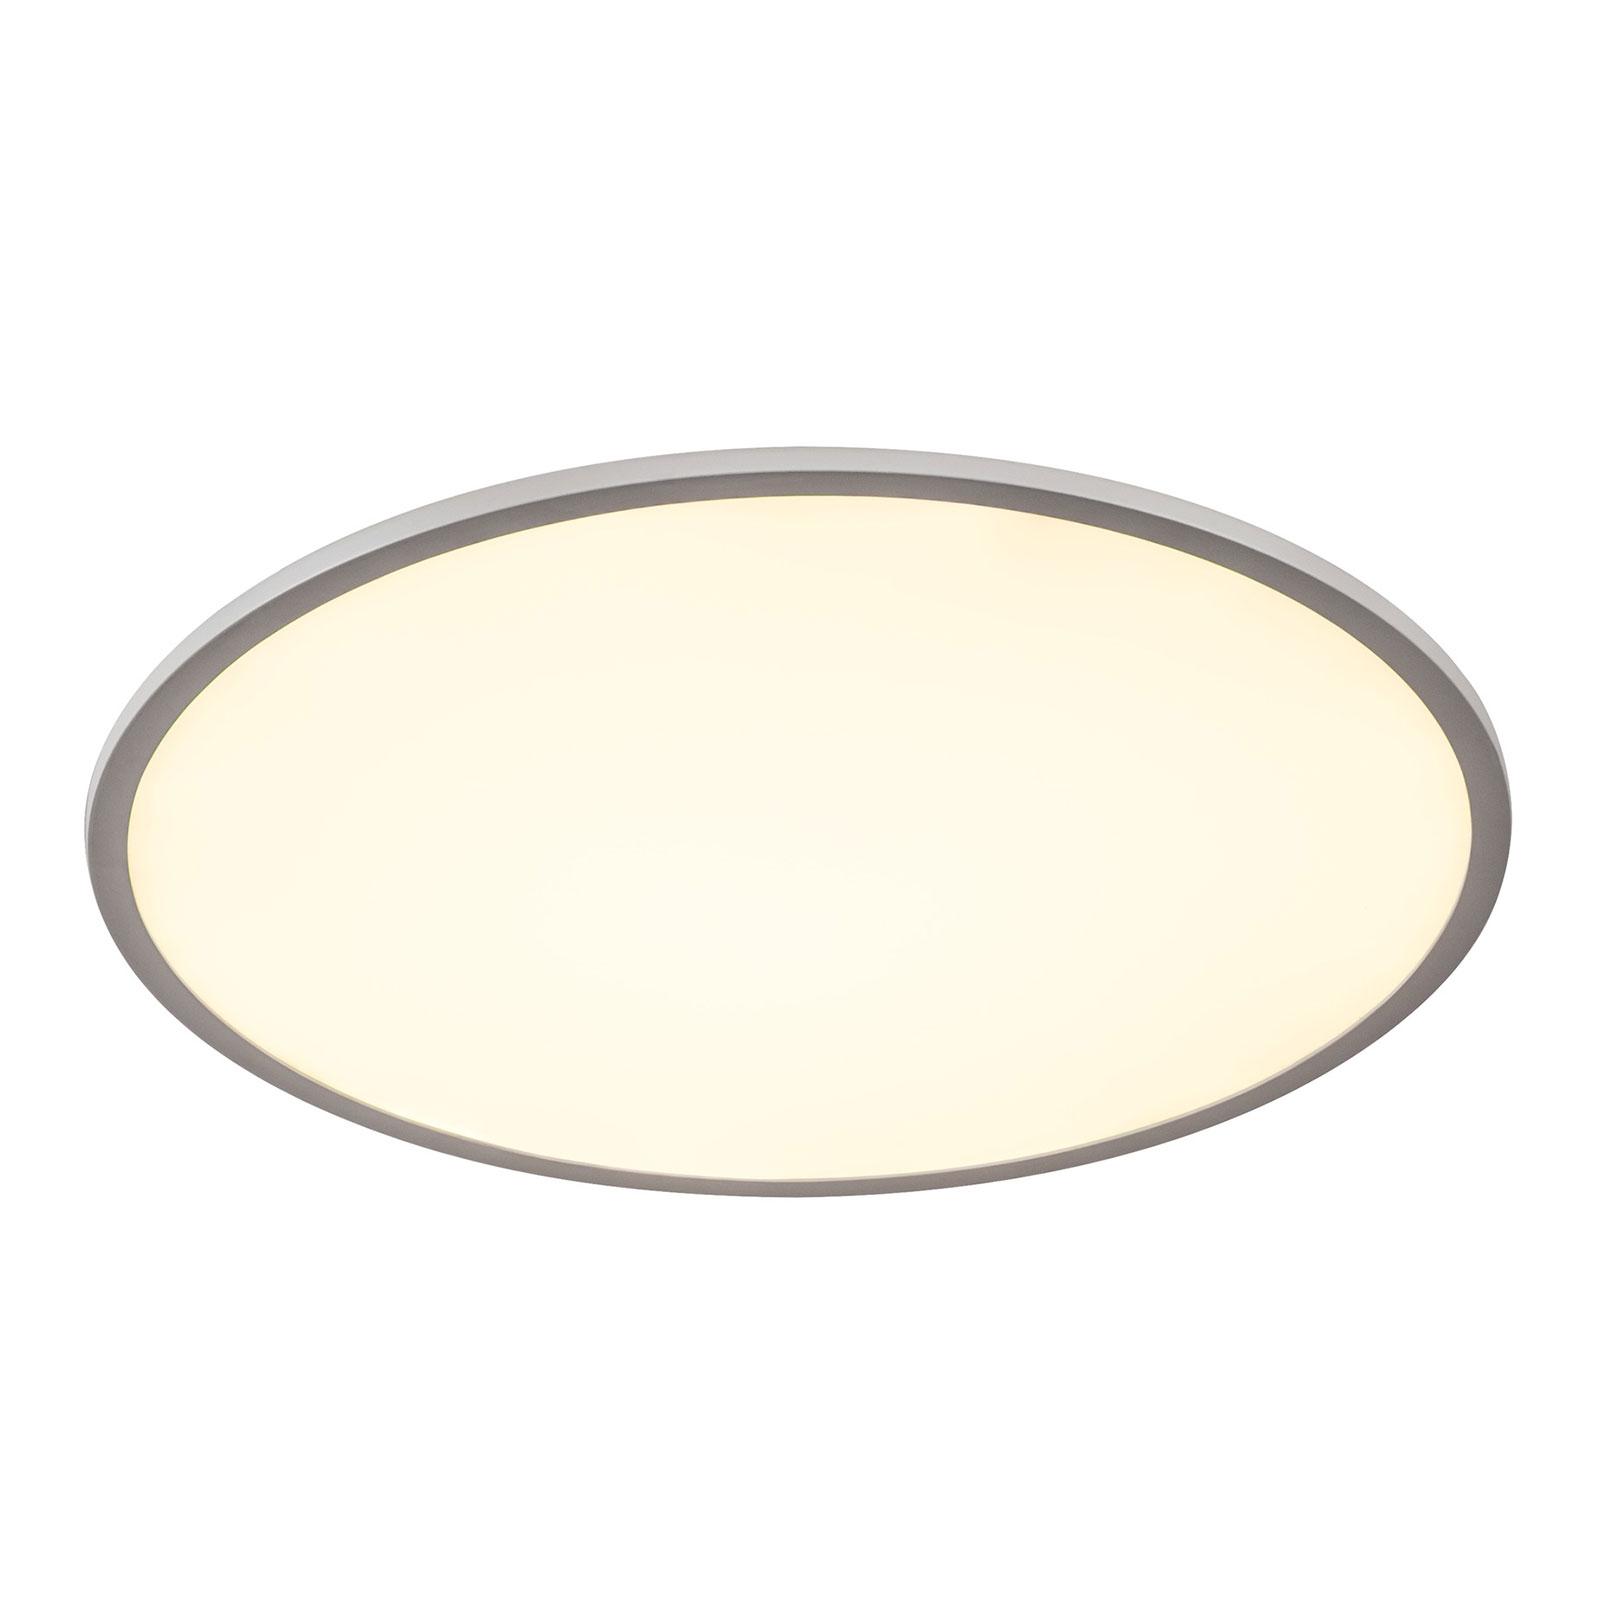 SLV Panel 60 lampa sufitowa LED, 3000K szara